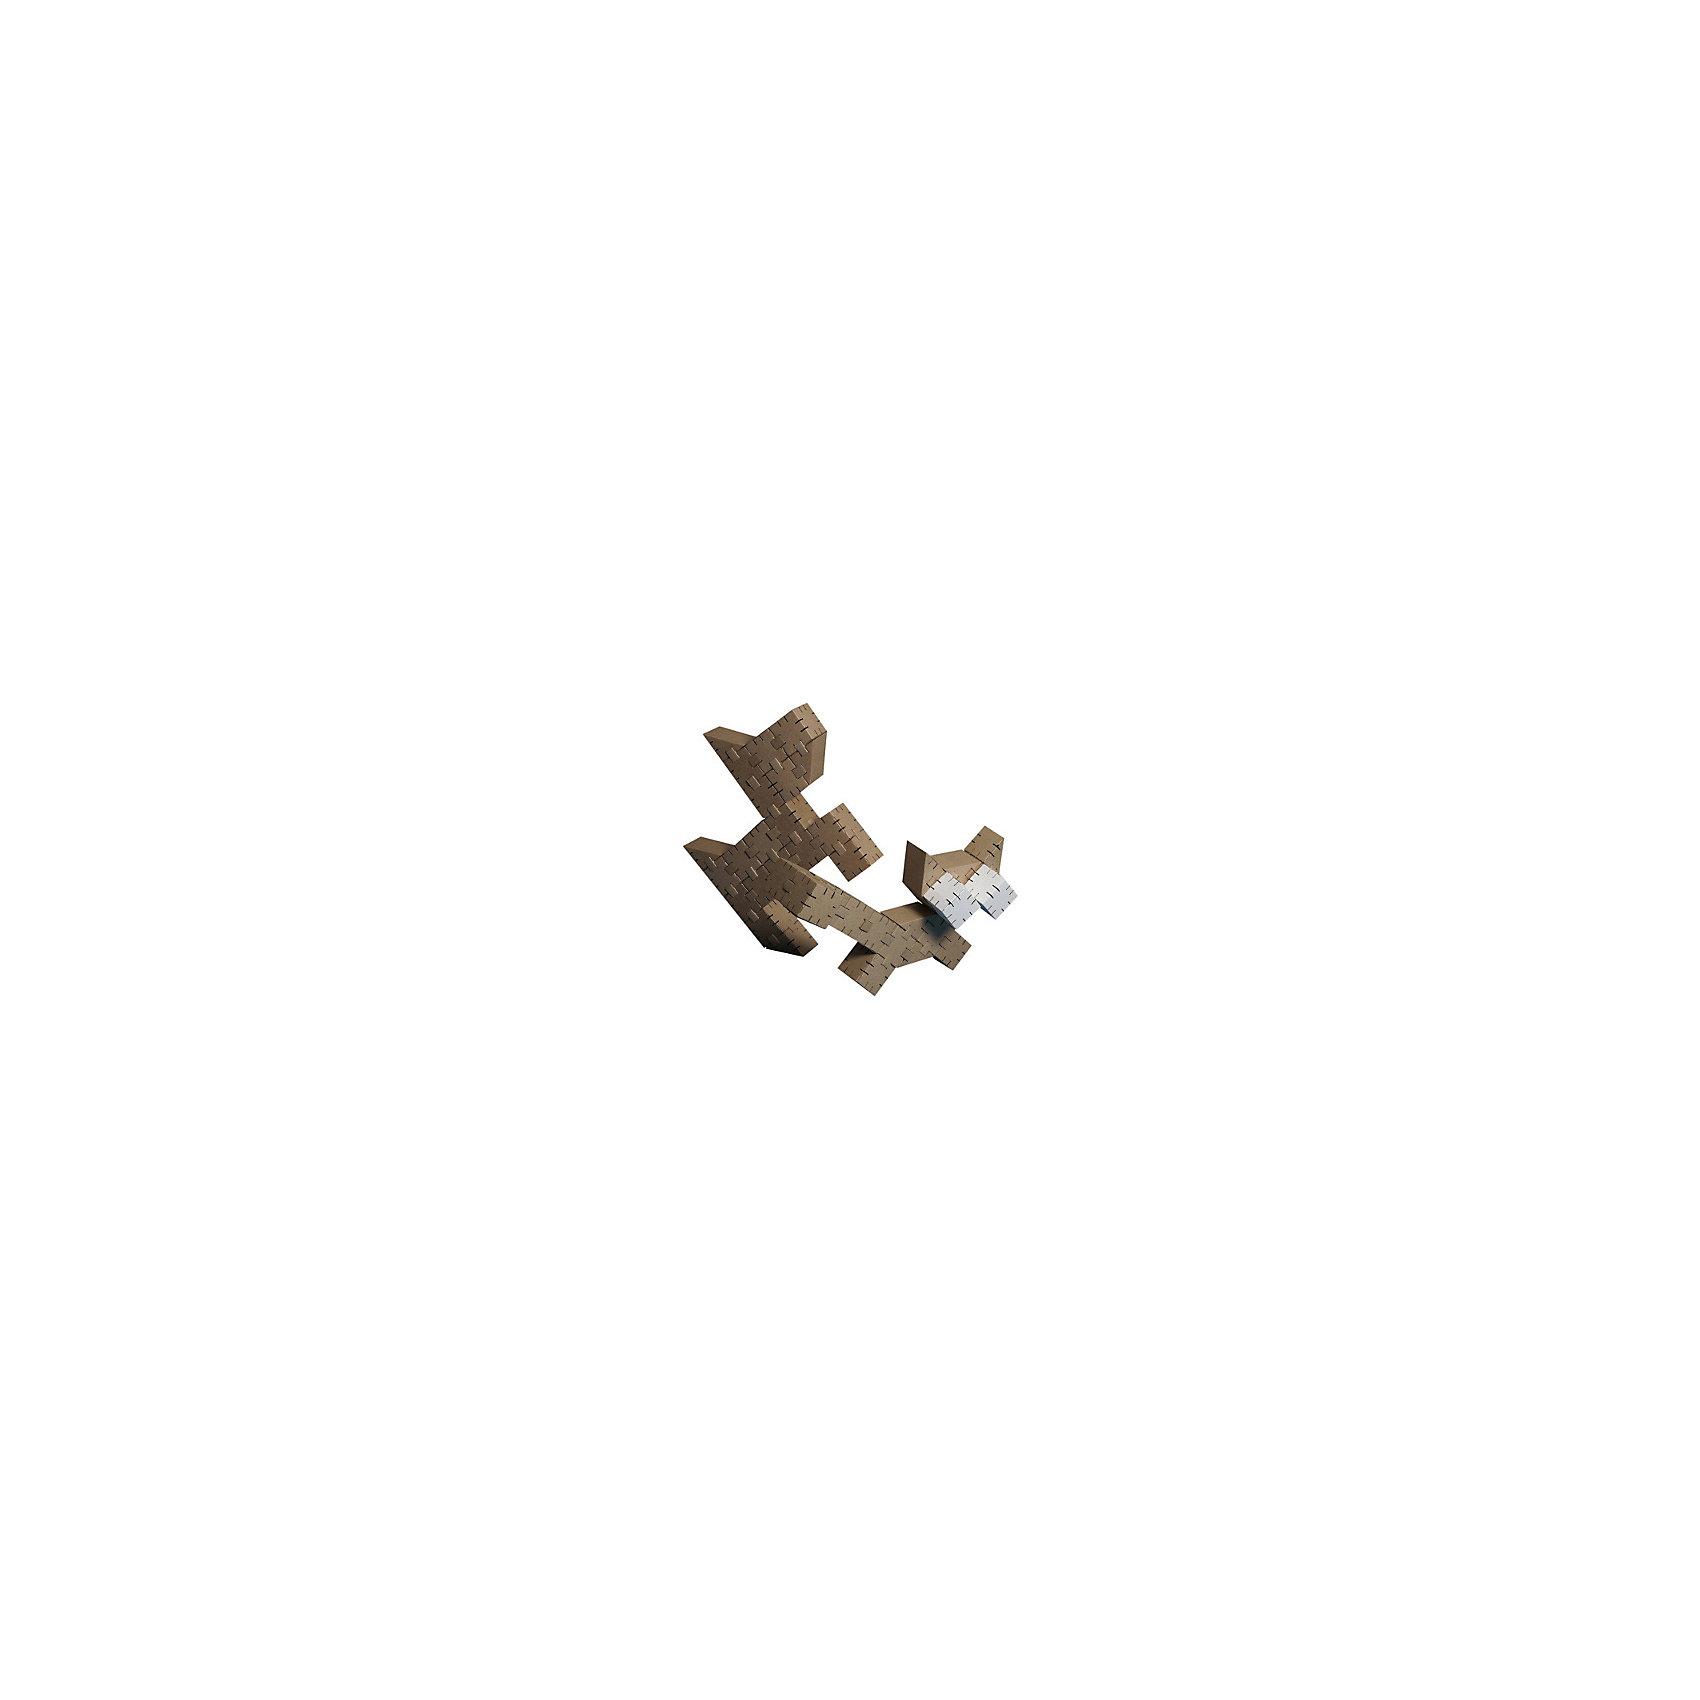 Набор конструктора Базовый Малый, YohocubeКартонные модели<br>Картонный конструктор Йохо Куб. Уровень 2 Базовый. Состоит из 45 деталей (30 кубиков, 15 призм)<br><br>Ширина мм: 430<br>Глубина мм: 40<br>Высота мм: 580<br>Вес г: 1200<br>Возраст от месяцев: 72<br>Возраст до месяцев: 144<br>Пол: Мужской<br>Возраст: Детский<br>SKU: 4527458